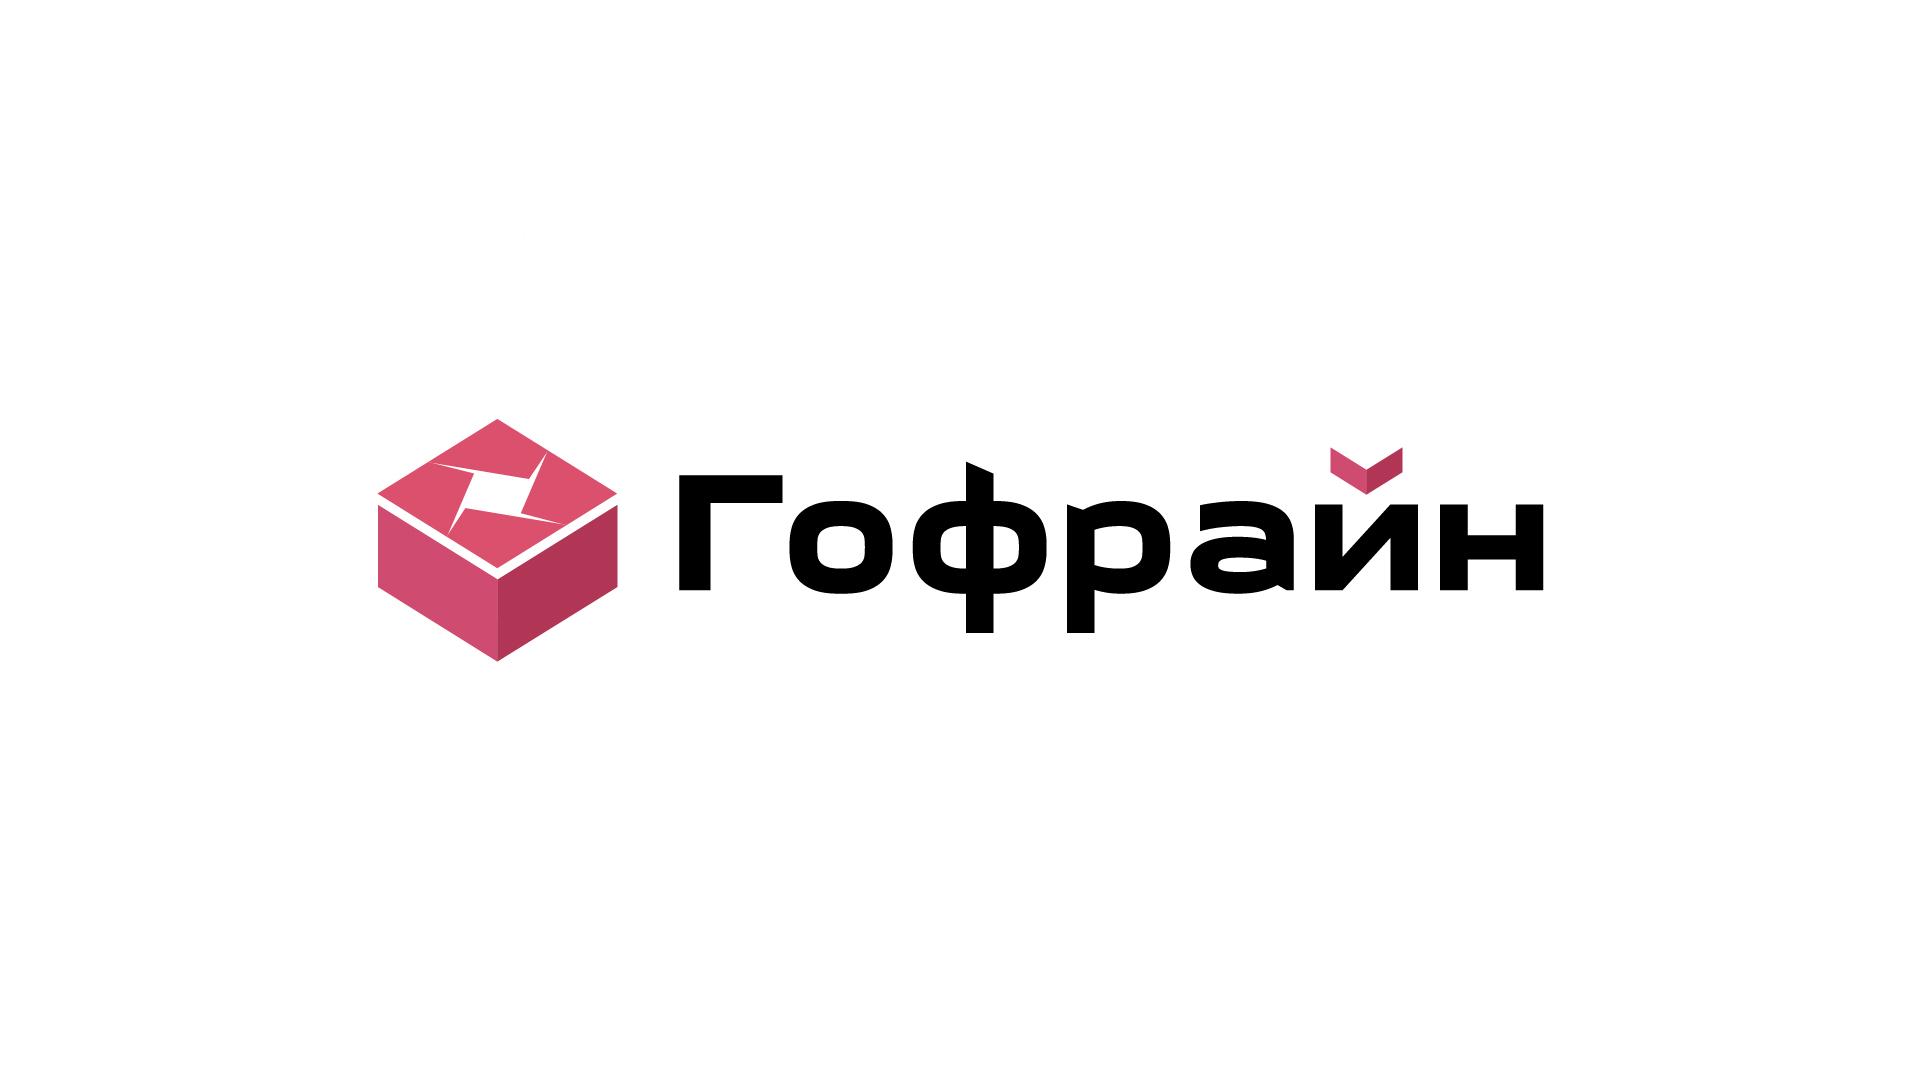 Логотип для компании по реализации упаковки из гофрокартона фото f_7625cdae0eb8e75a.jpg